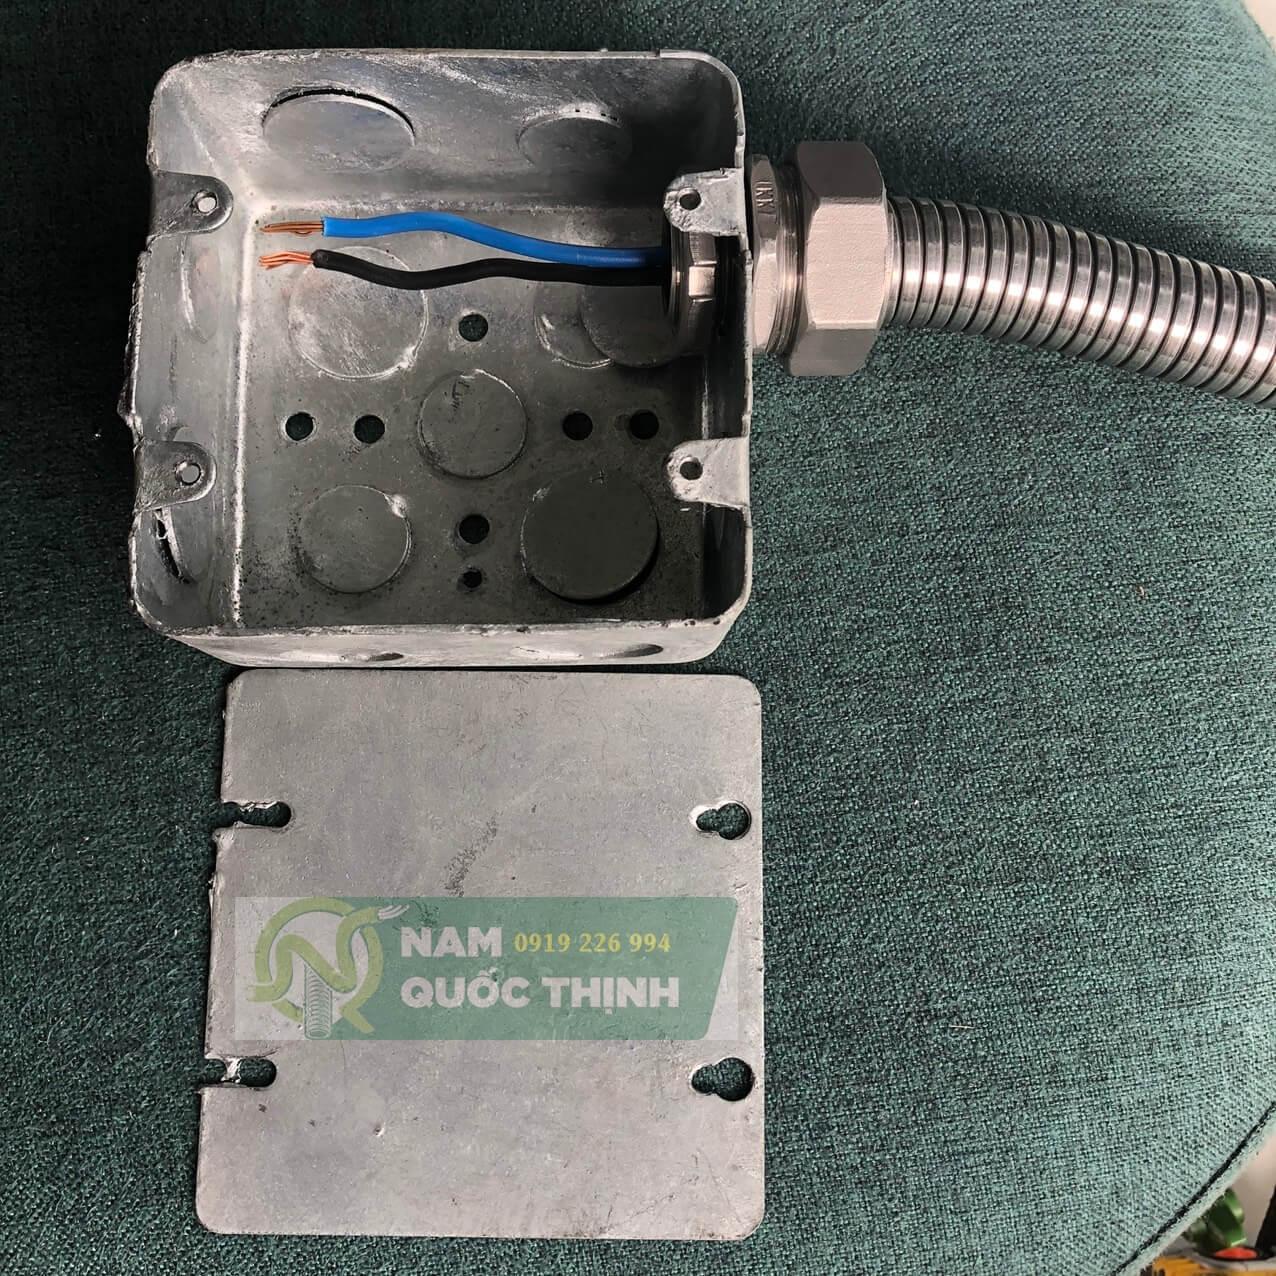 Đầu nối ống ruột gà inox 304 vào hộp thép âm tường nhúng nóng